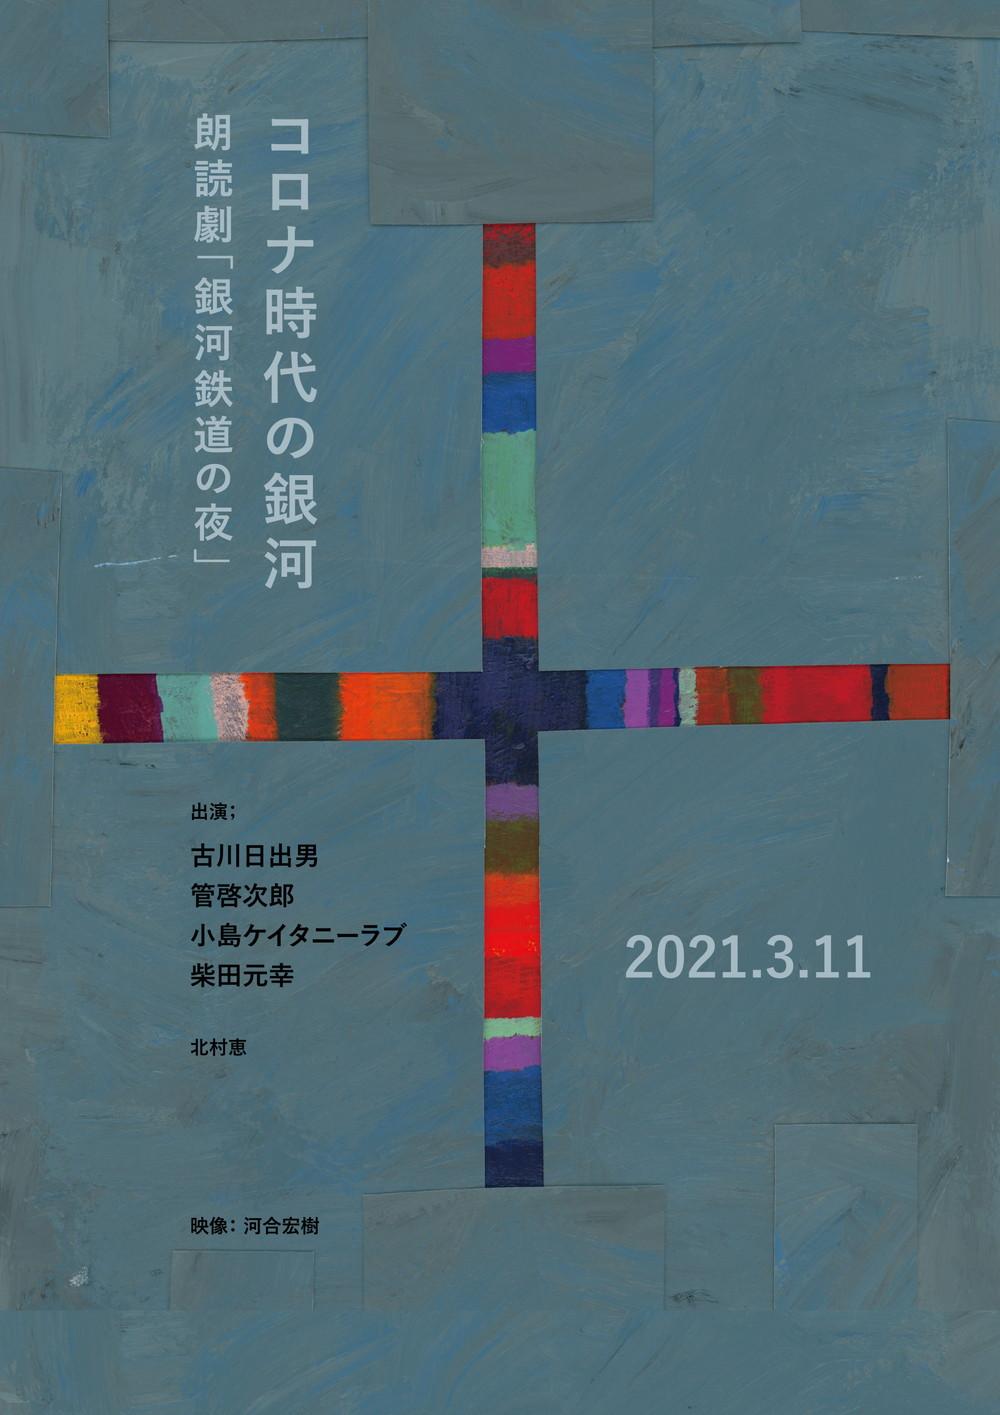 「コロナ時代の銀河 -朗読劇「銀河鉄道の夜」-」